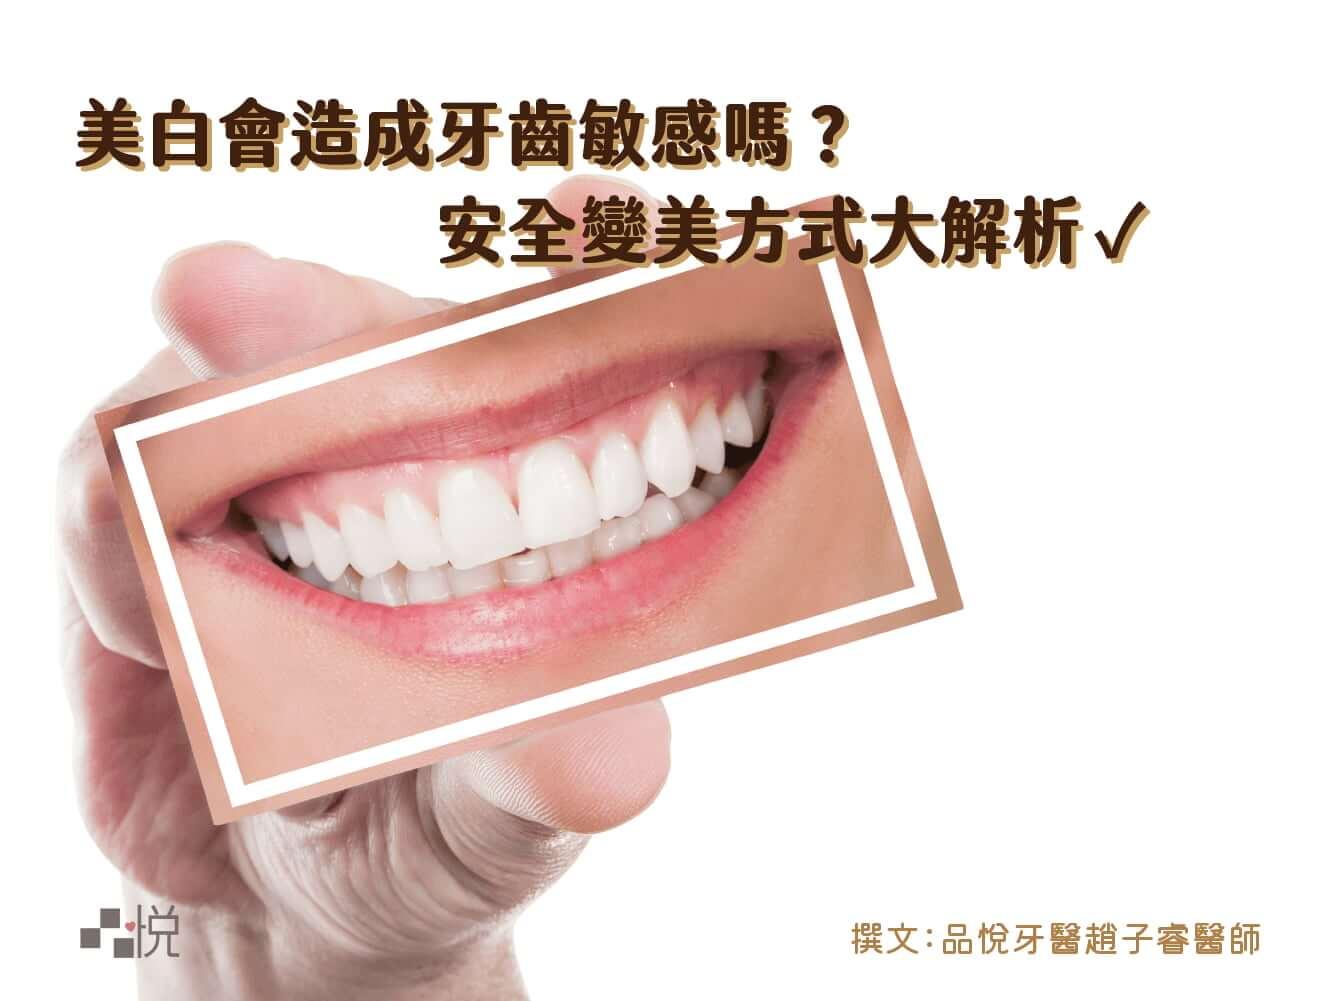 牙醫師解析安全的牙齒美白